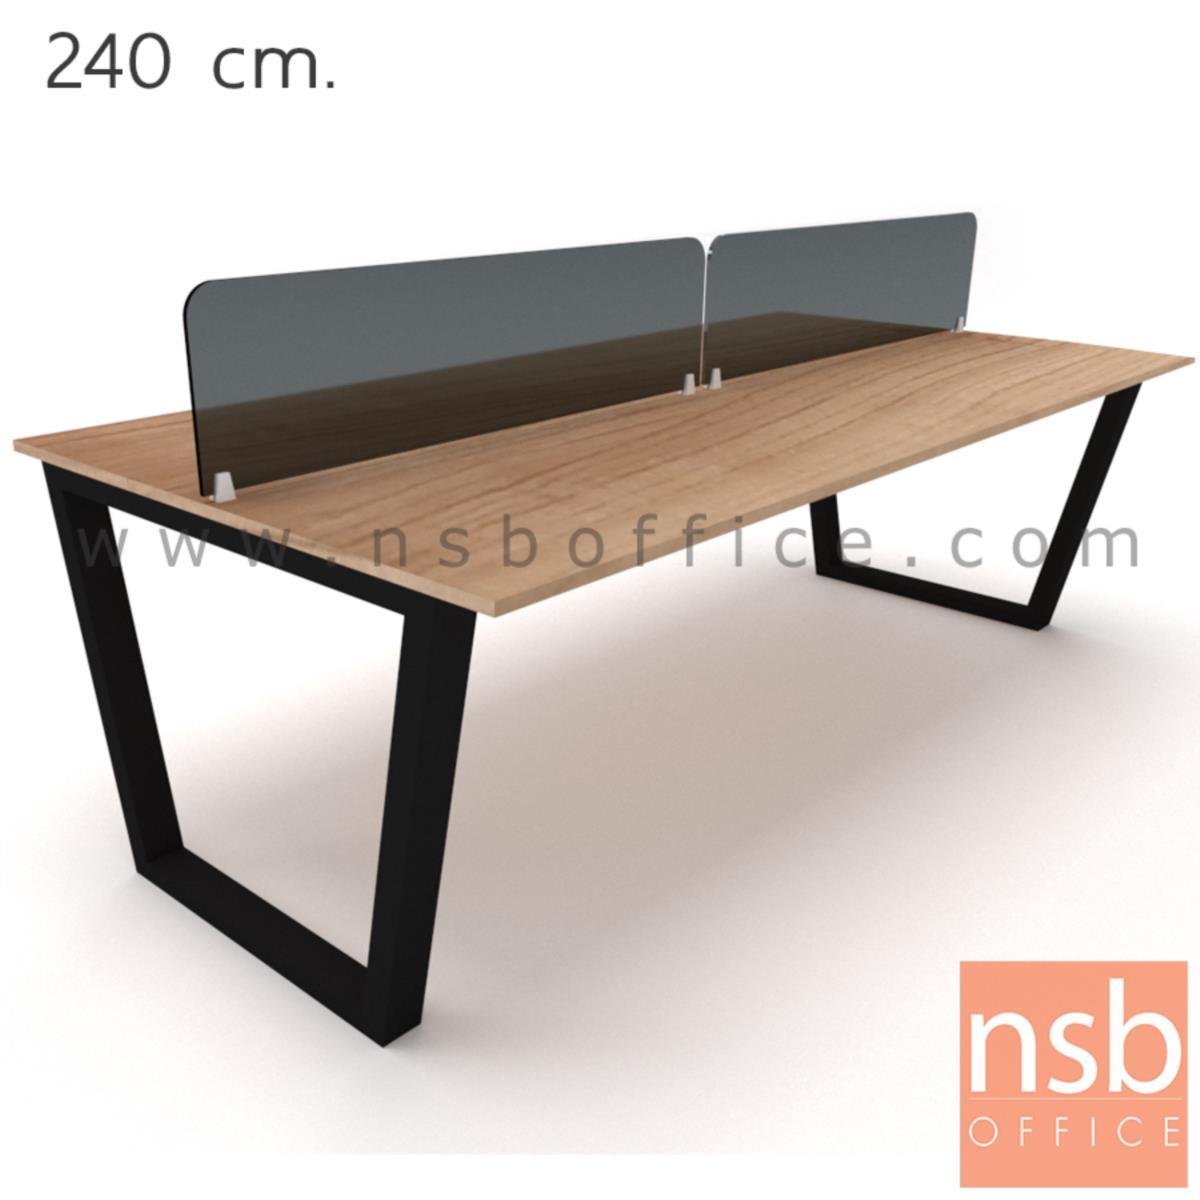 A33A028:ชุดโต๊ะทำงานกลุ่ม   4 ,6 ที่นั่ง ขนาด 240W ,360W cm.  พร้อมมิสกรีนกระจกสีดำ ขาเหล็กทรงคางหมู